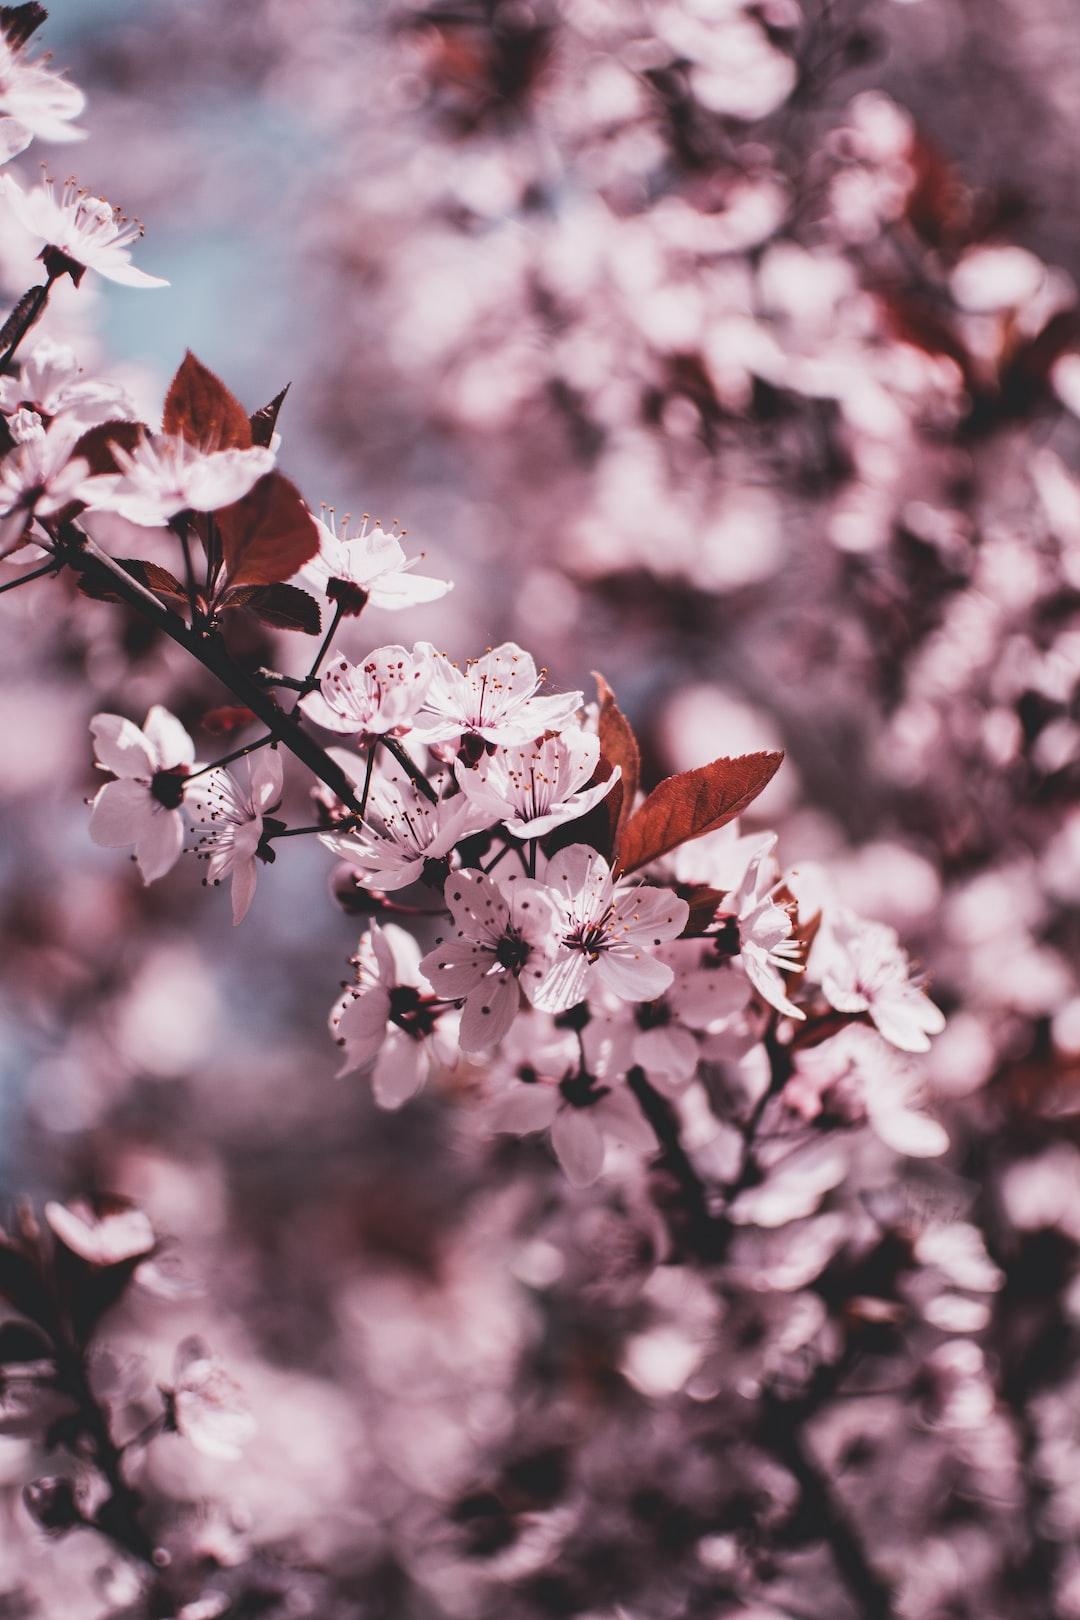 3934. Virágok